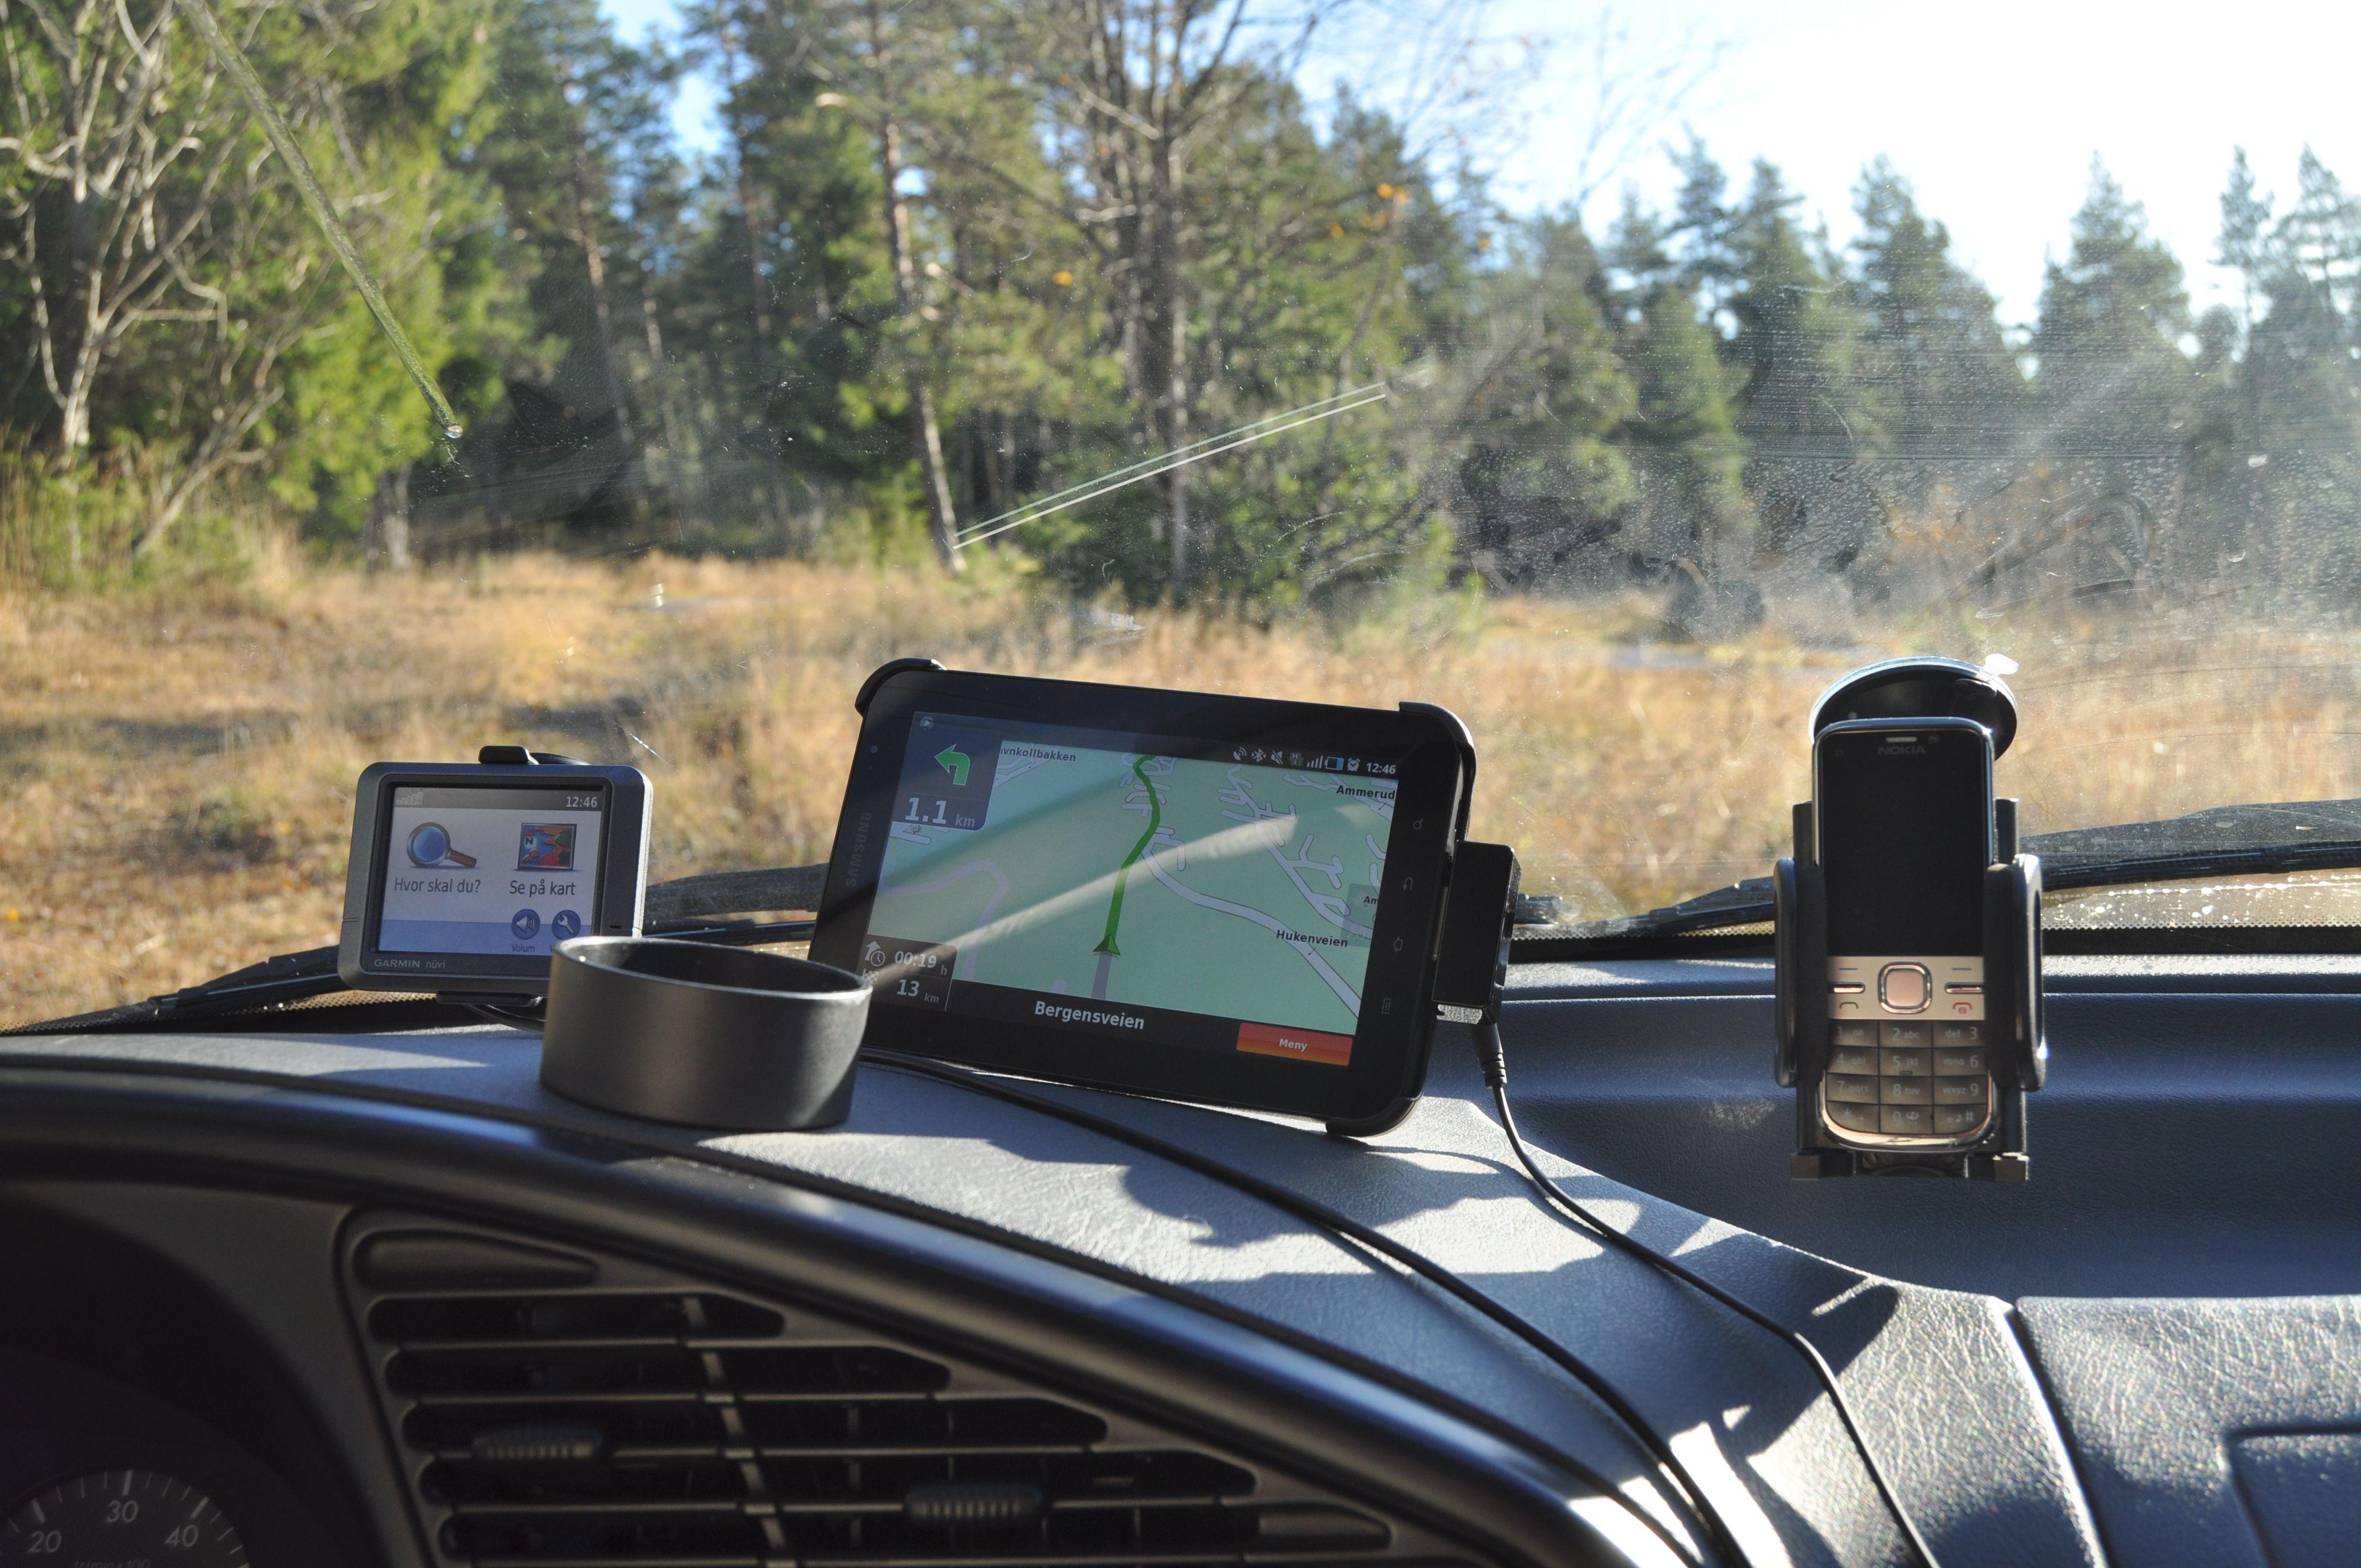 Størrelsen blir svært tydelig når vi ser nettbrettet ved siden av andre vanlige enheter vi har i bilvinduet.